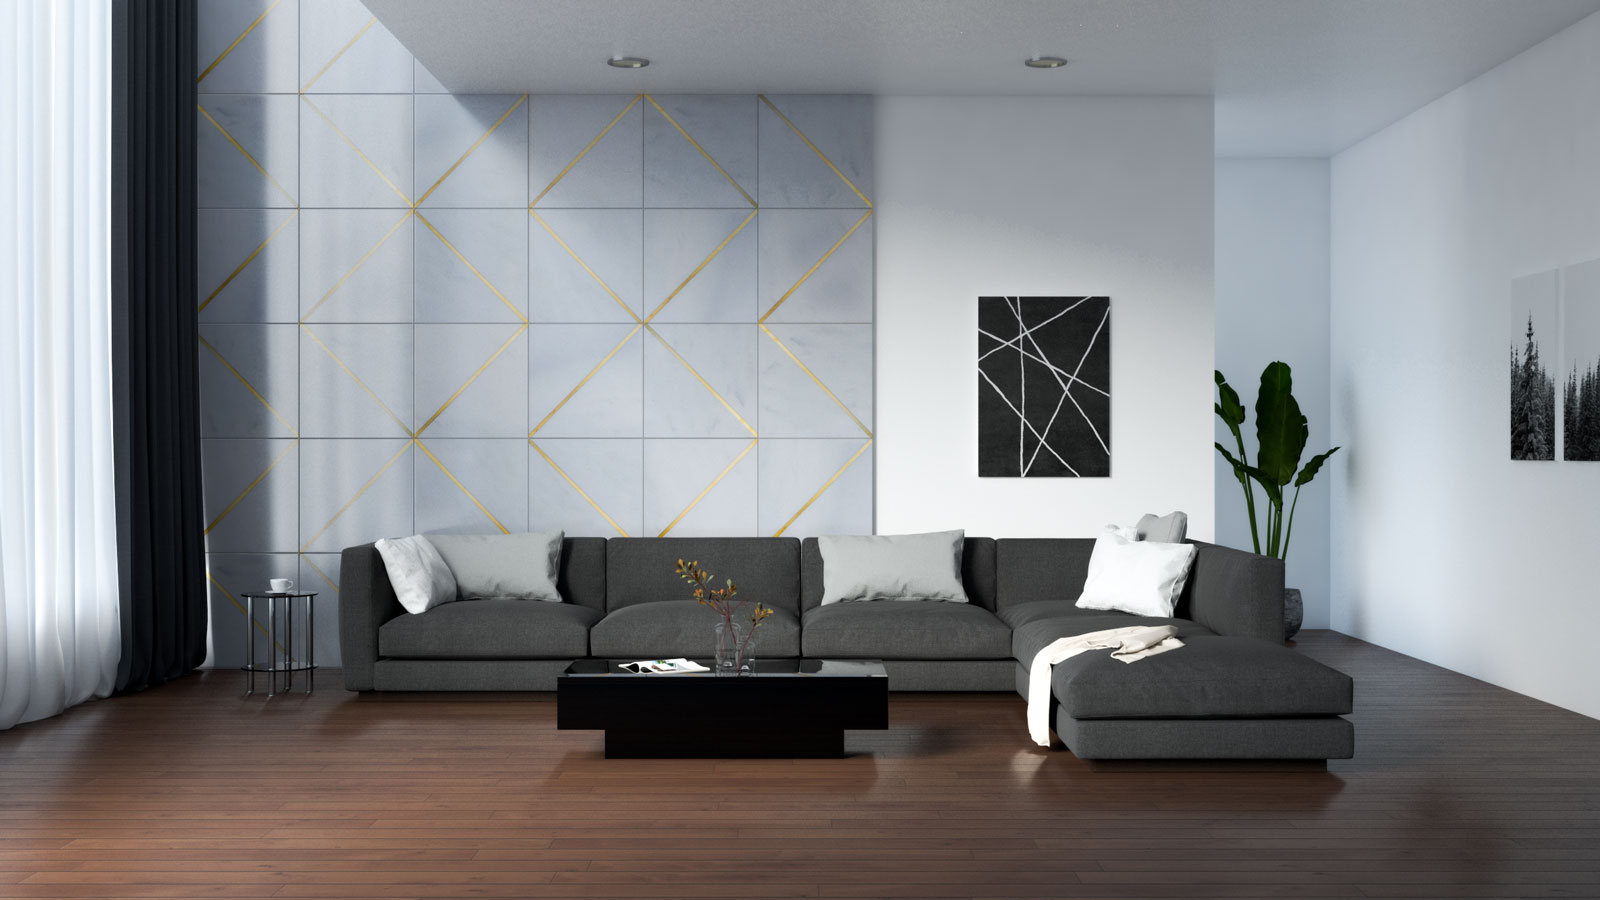 Brown flooring with black furnishings